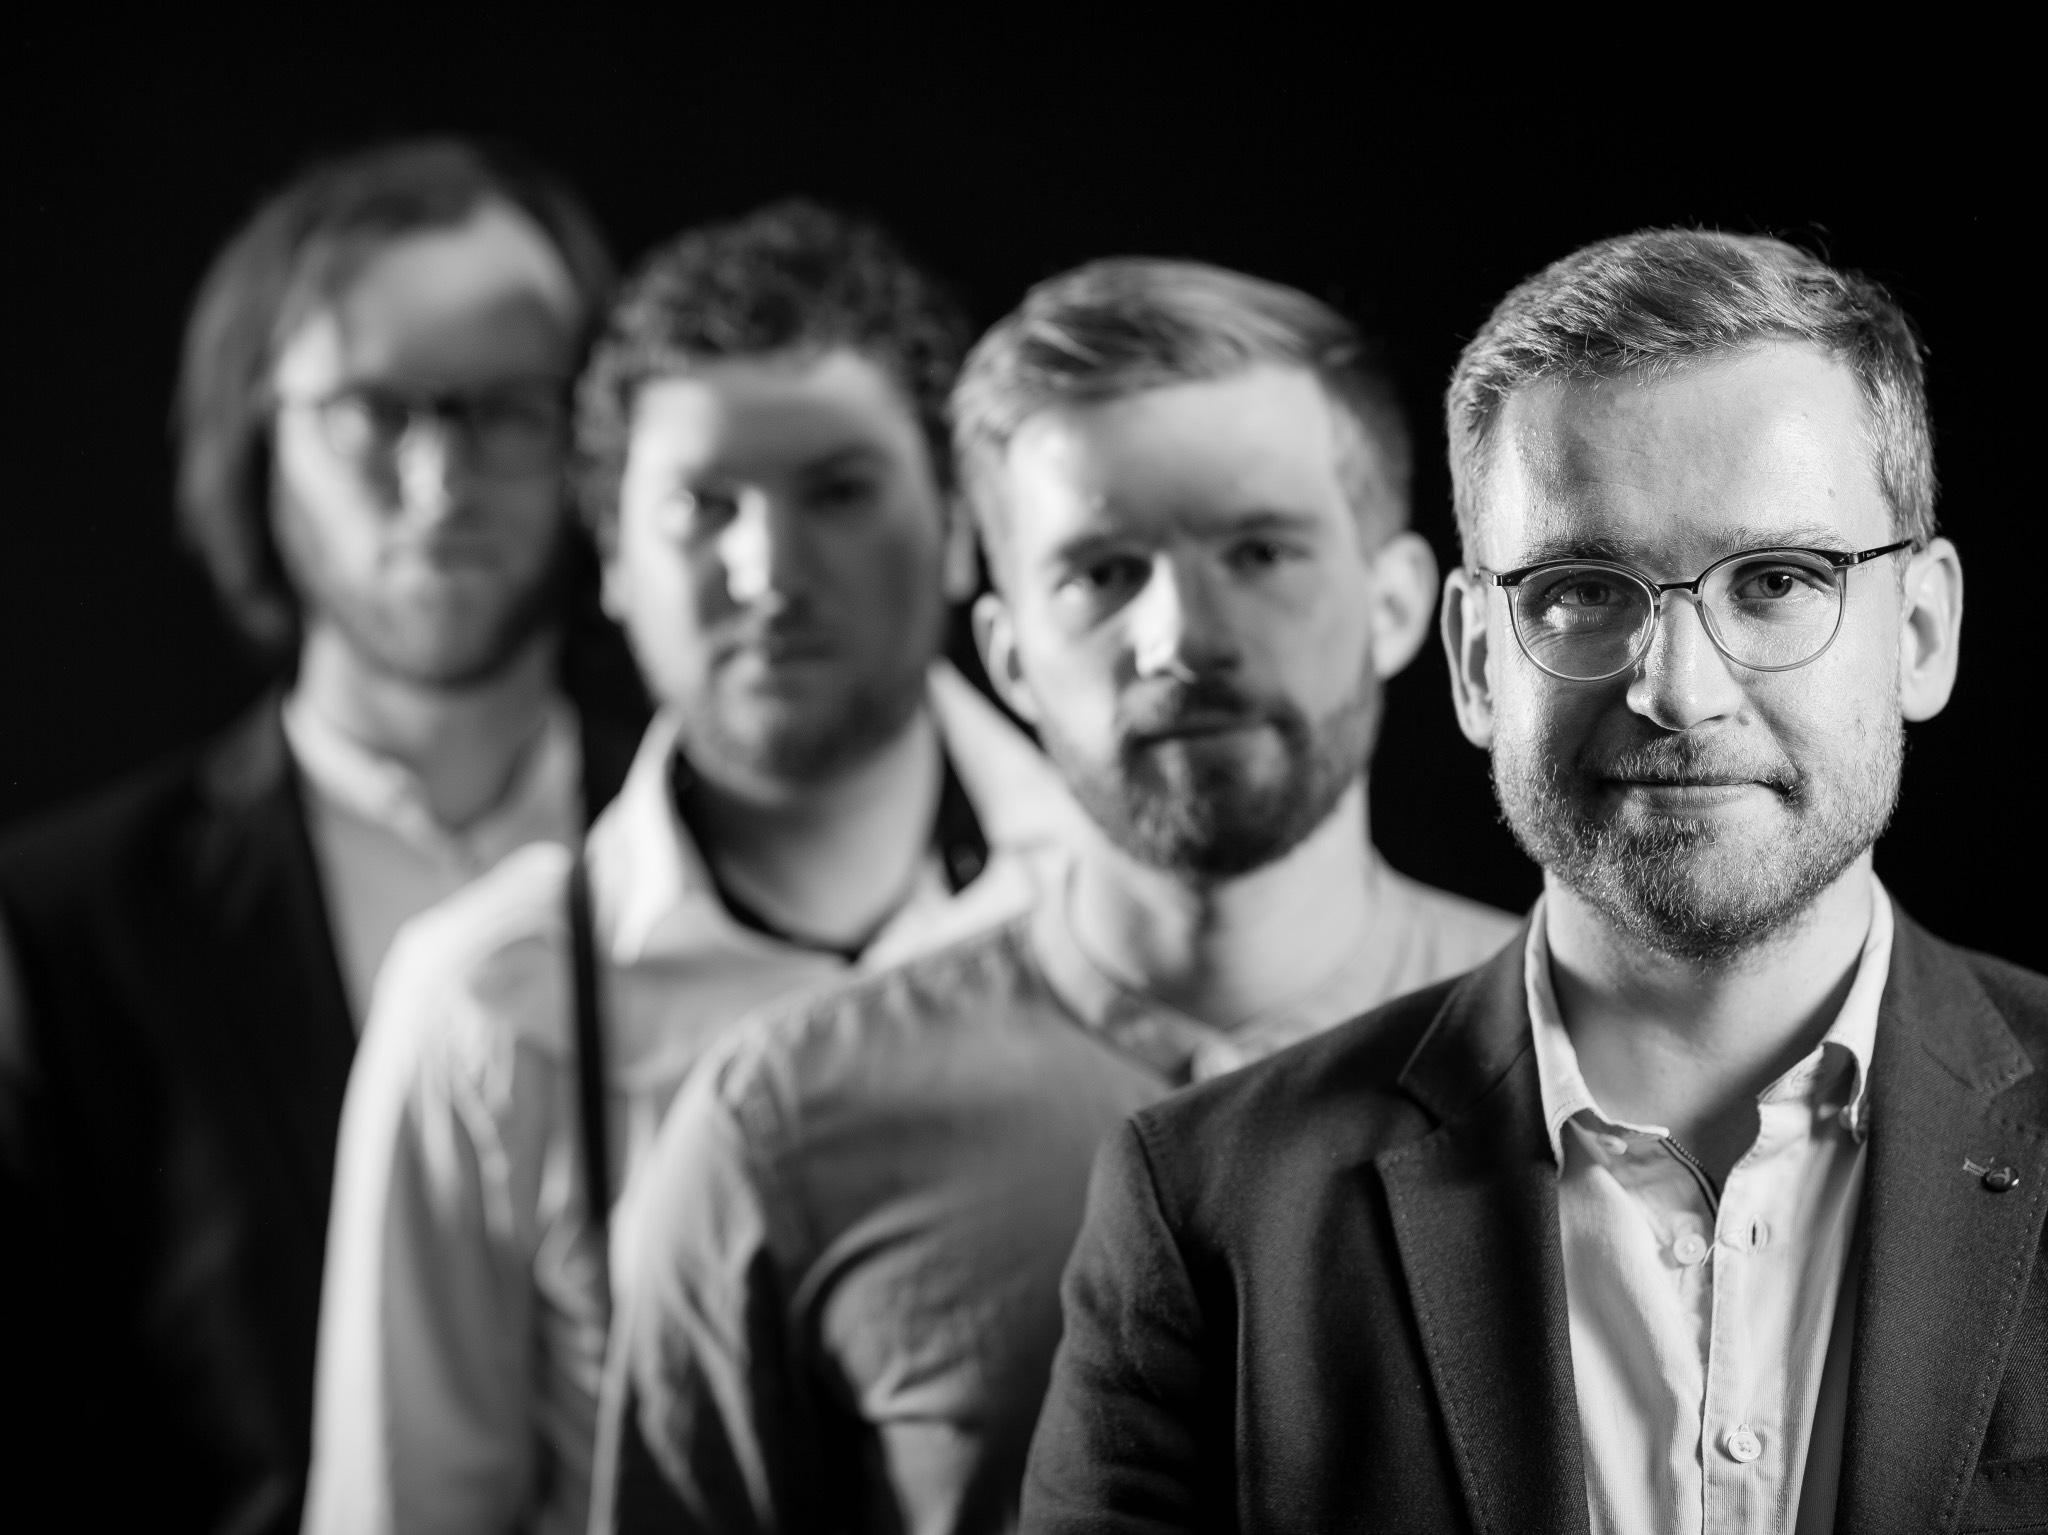 Die Band beschreibt sich als laut, leise und ehrlich. Foto:Michael Pietschmann